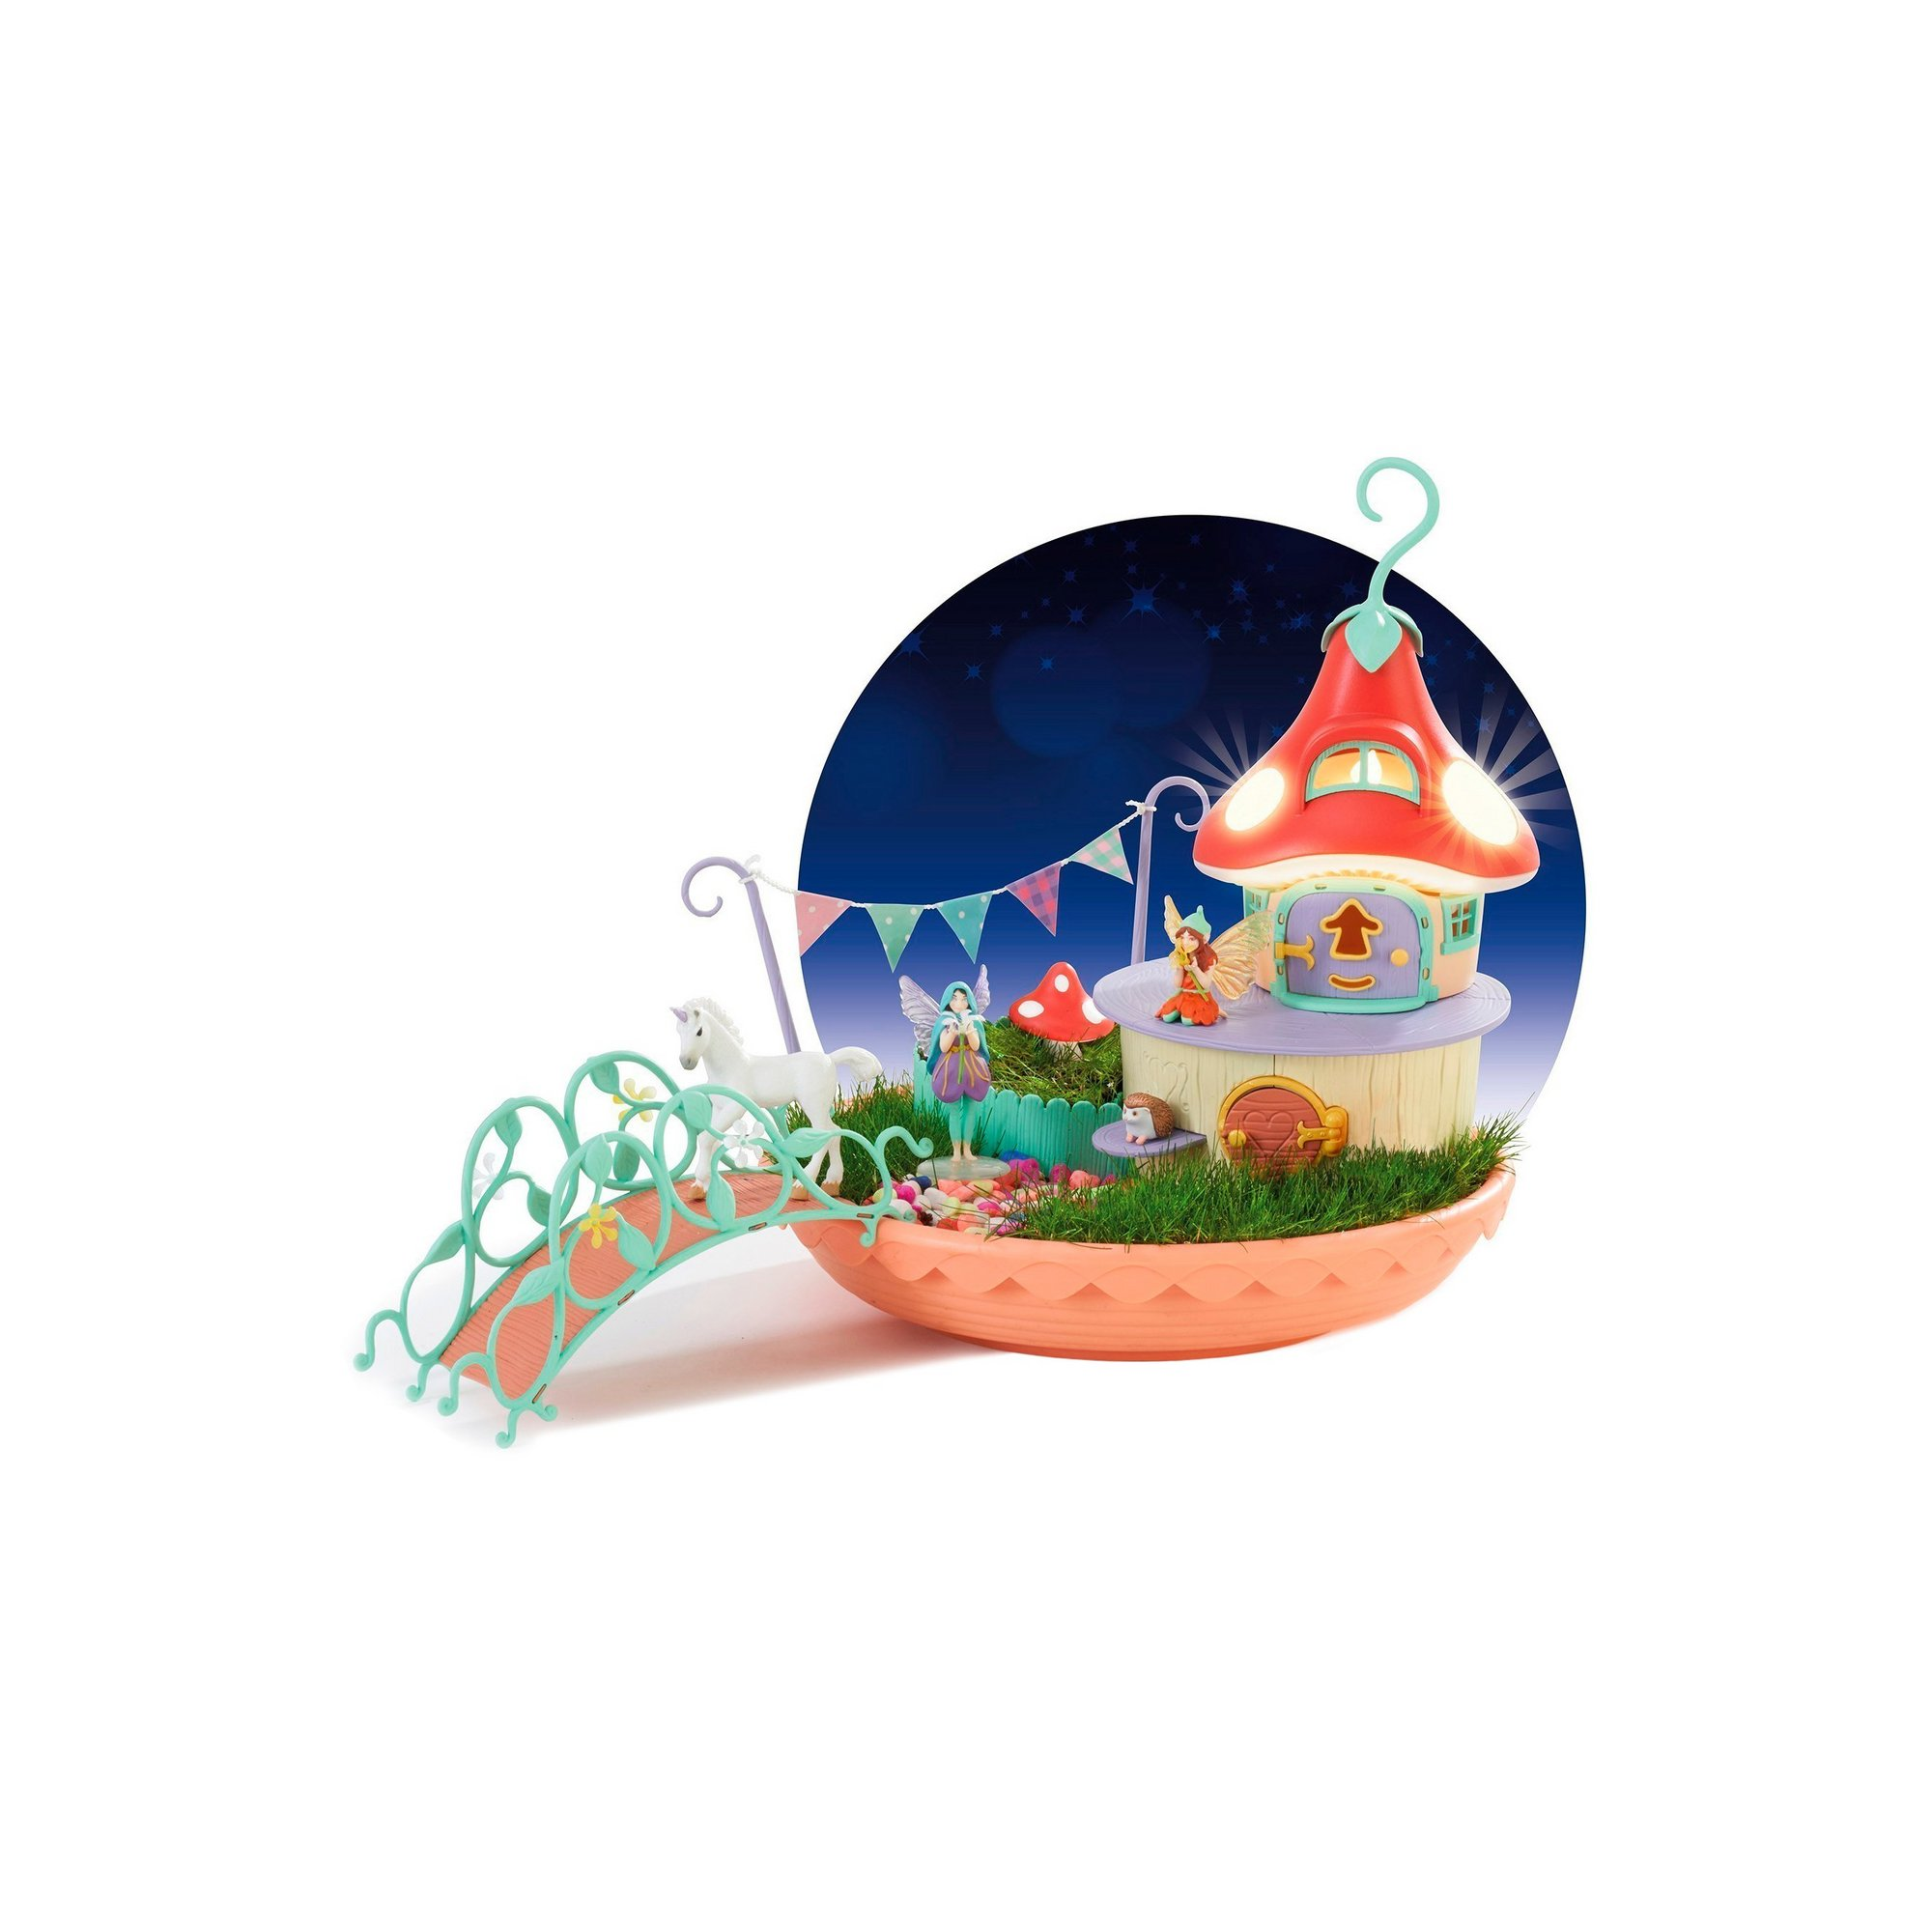 Image of My Fairy Garden Fairy Light Garden